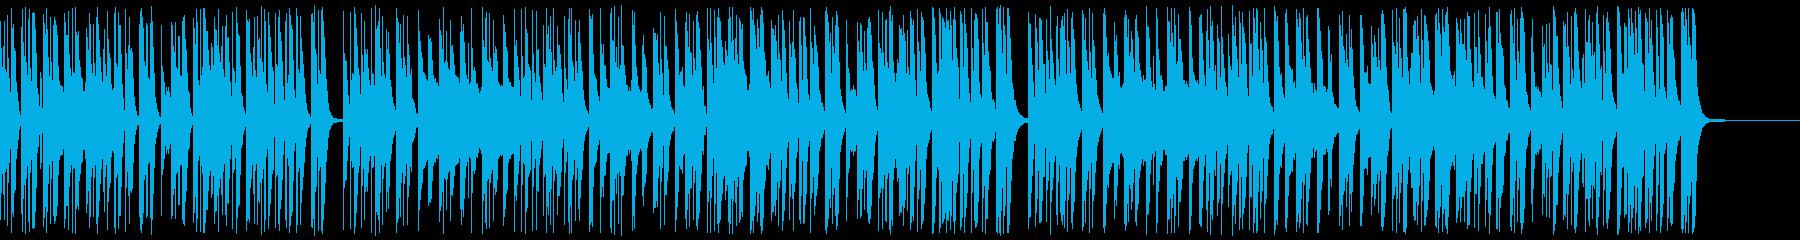 【ドラム・ベース抜き】ほのぼのゆったり…の再生済みの波形